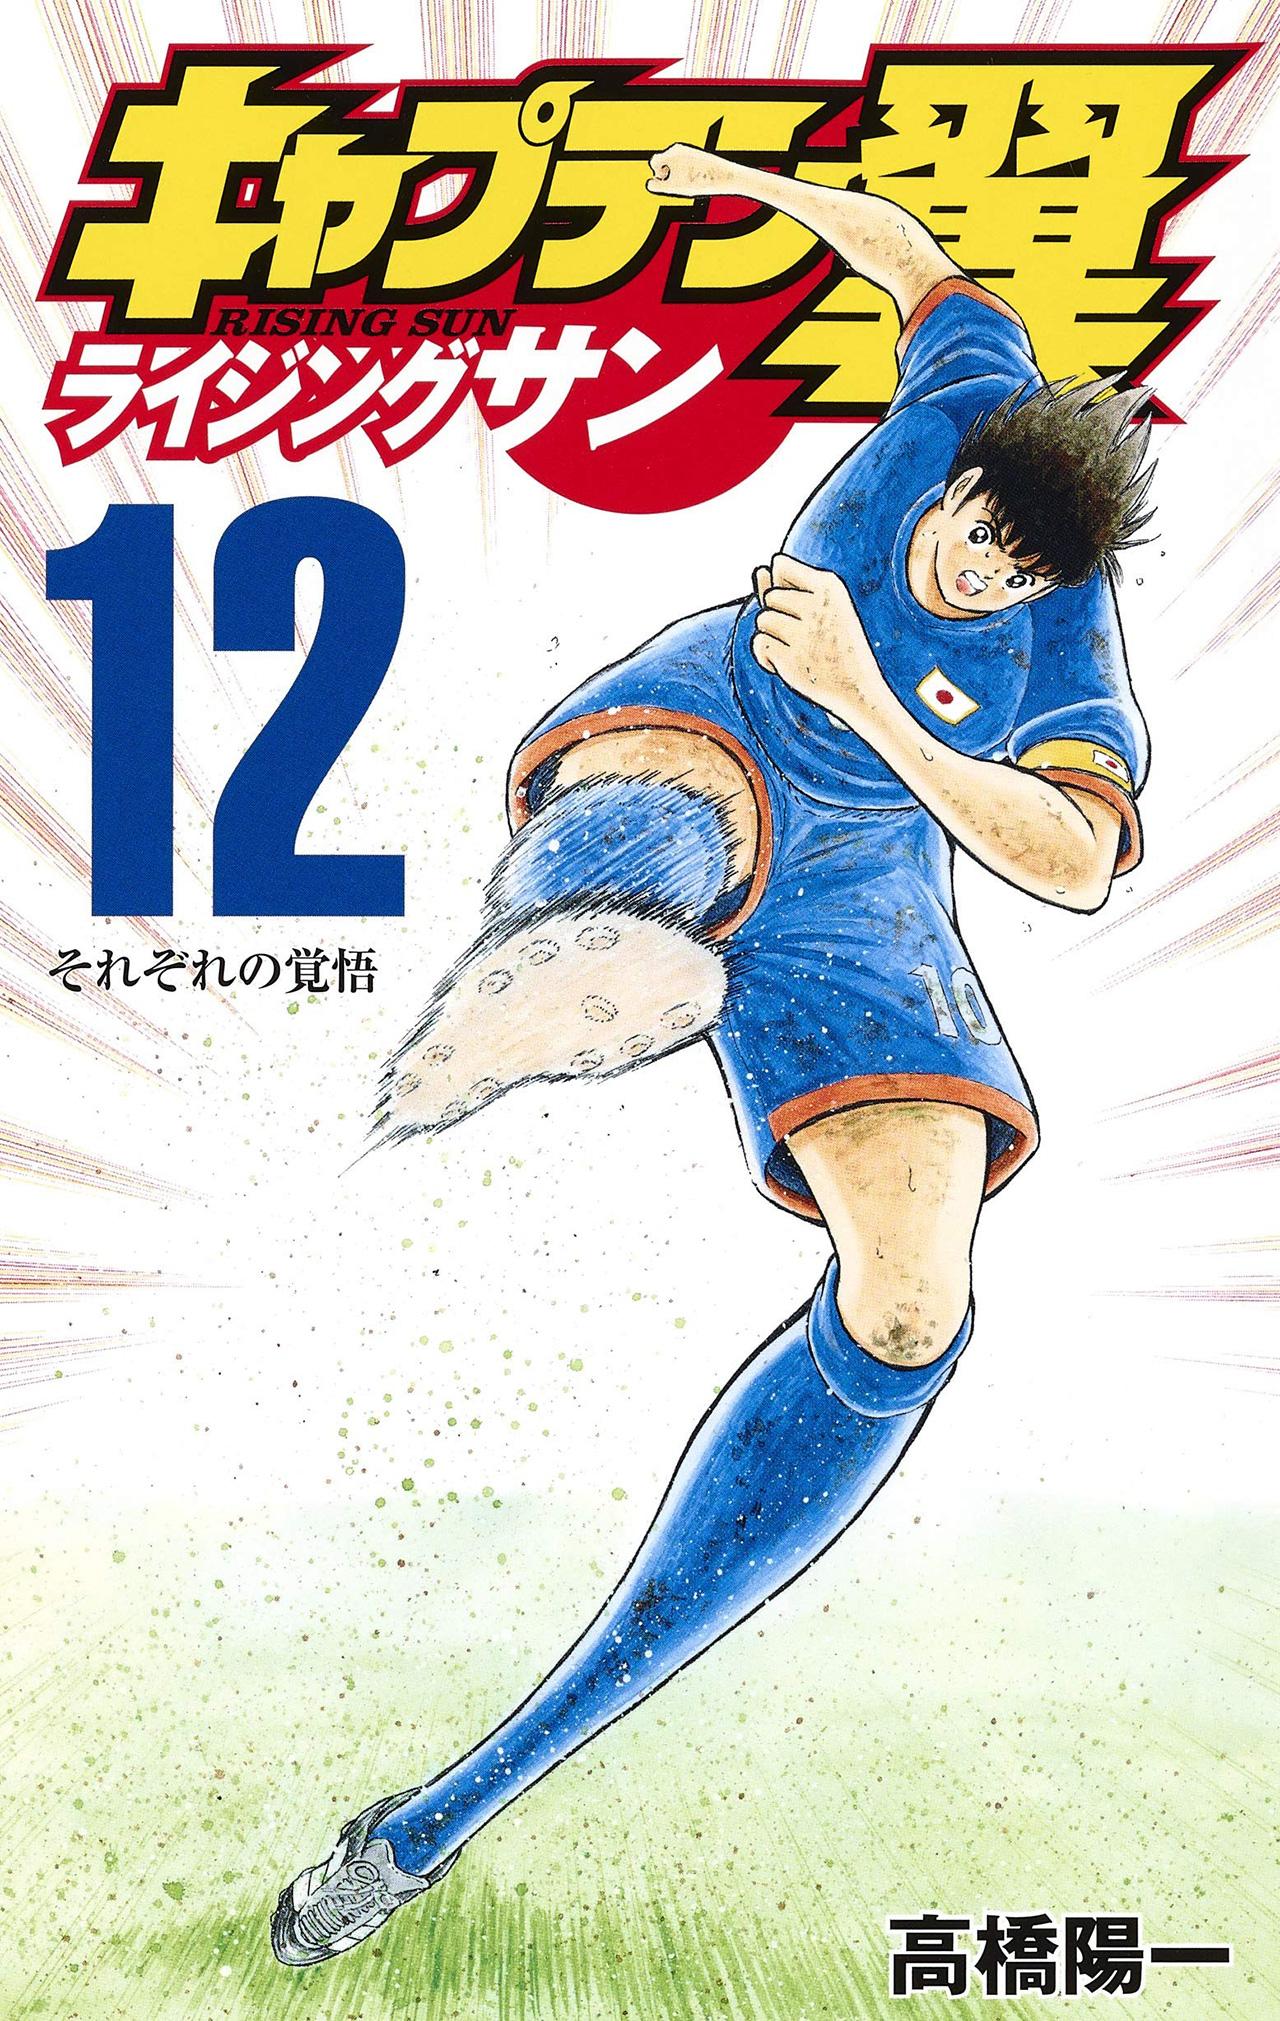 Capa do volume 12 de Captain Tsubasa: Rising Sun